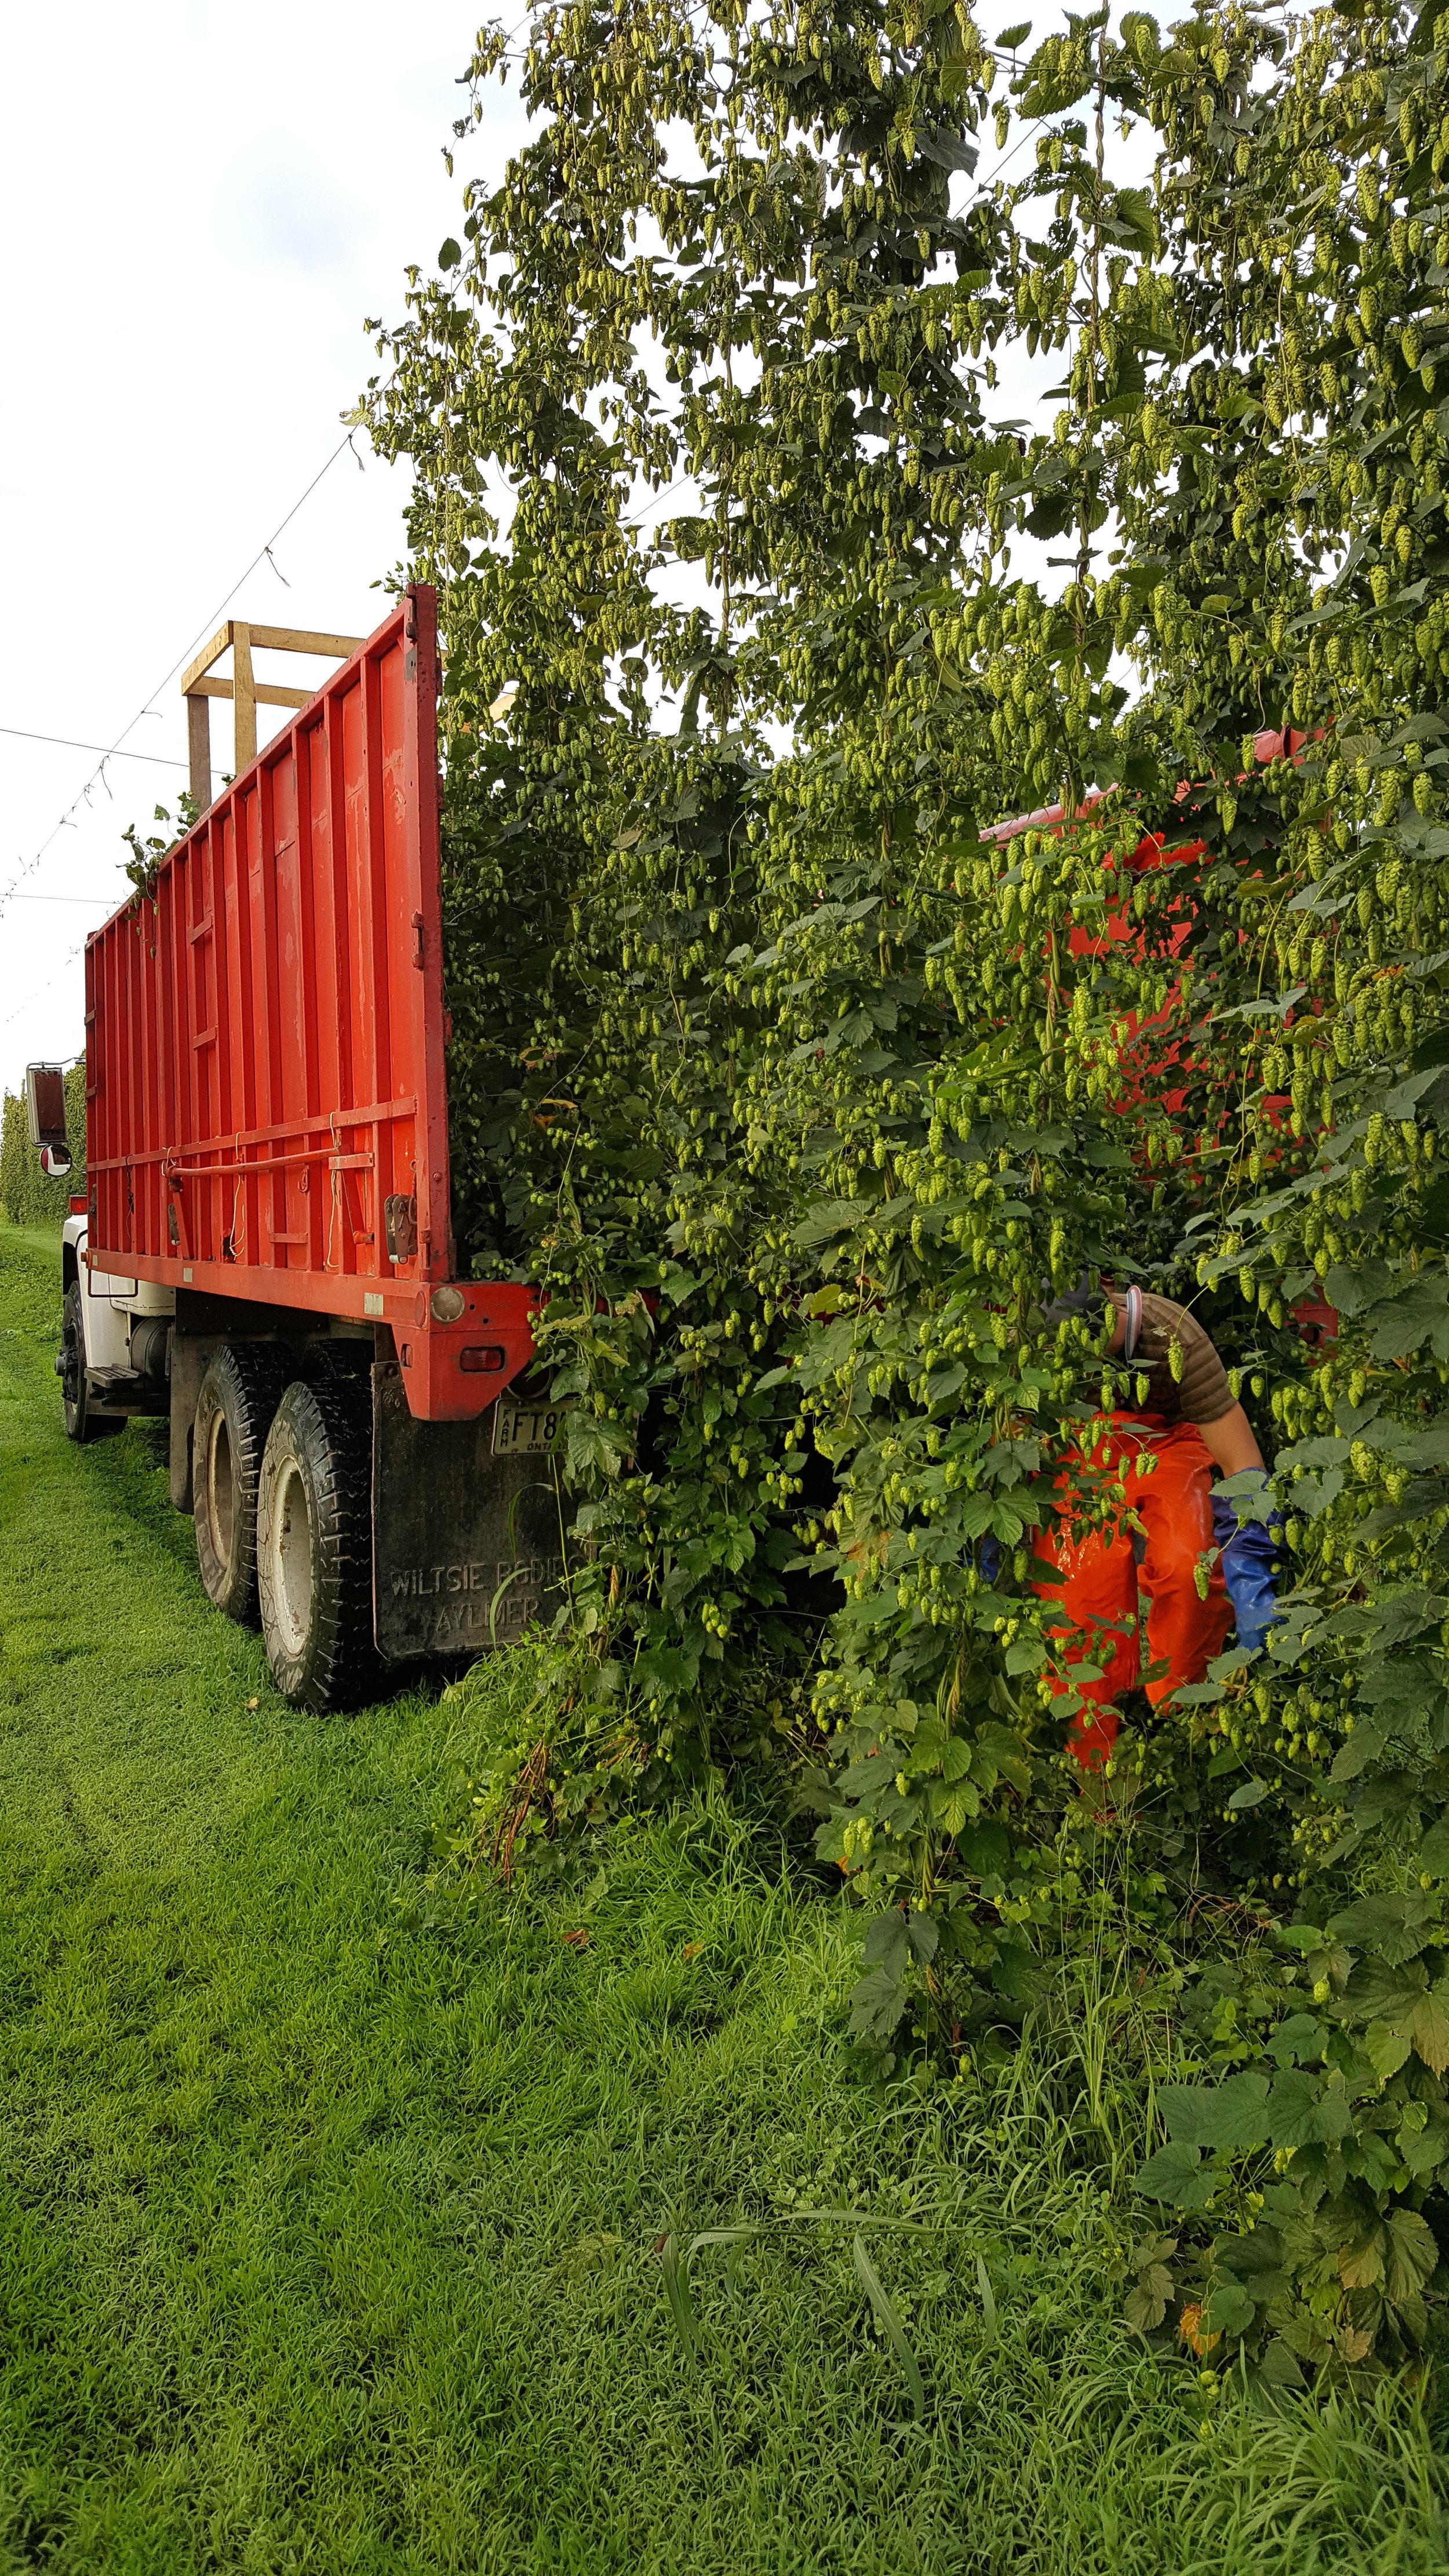 Loading the truck. Harvest 2016